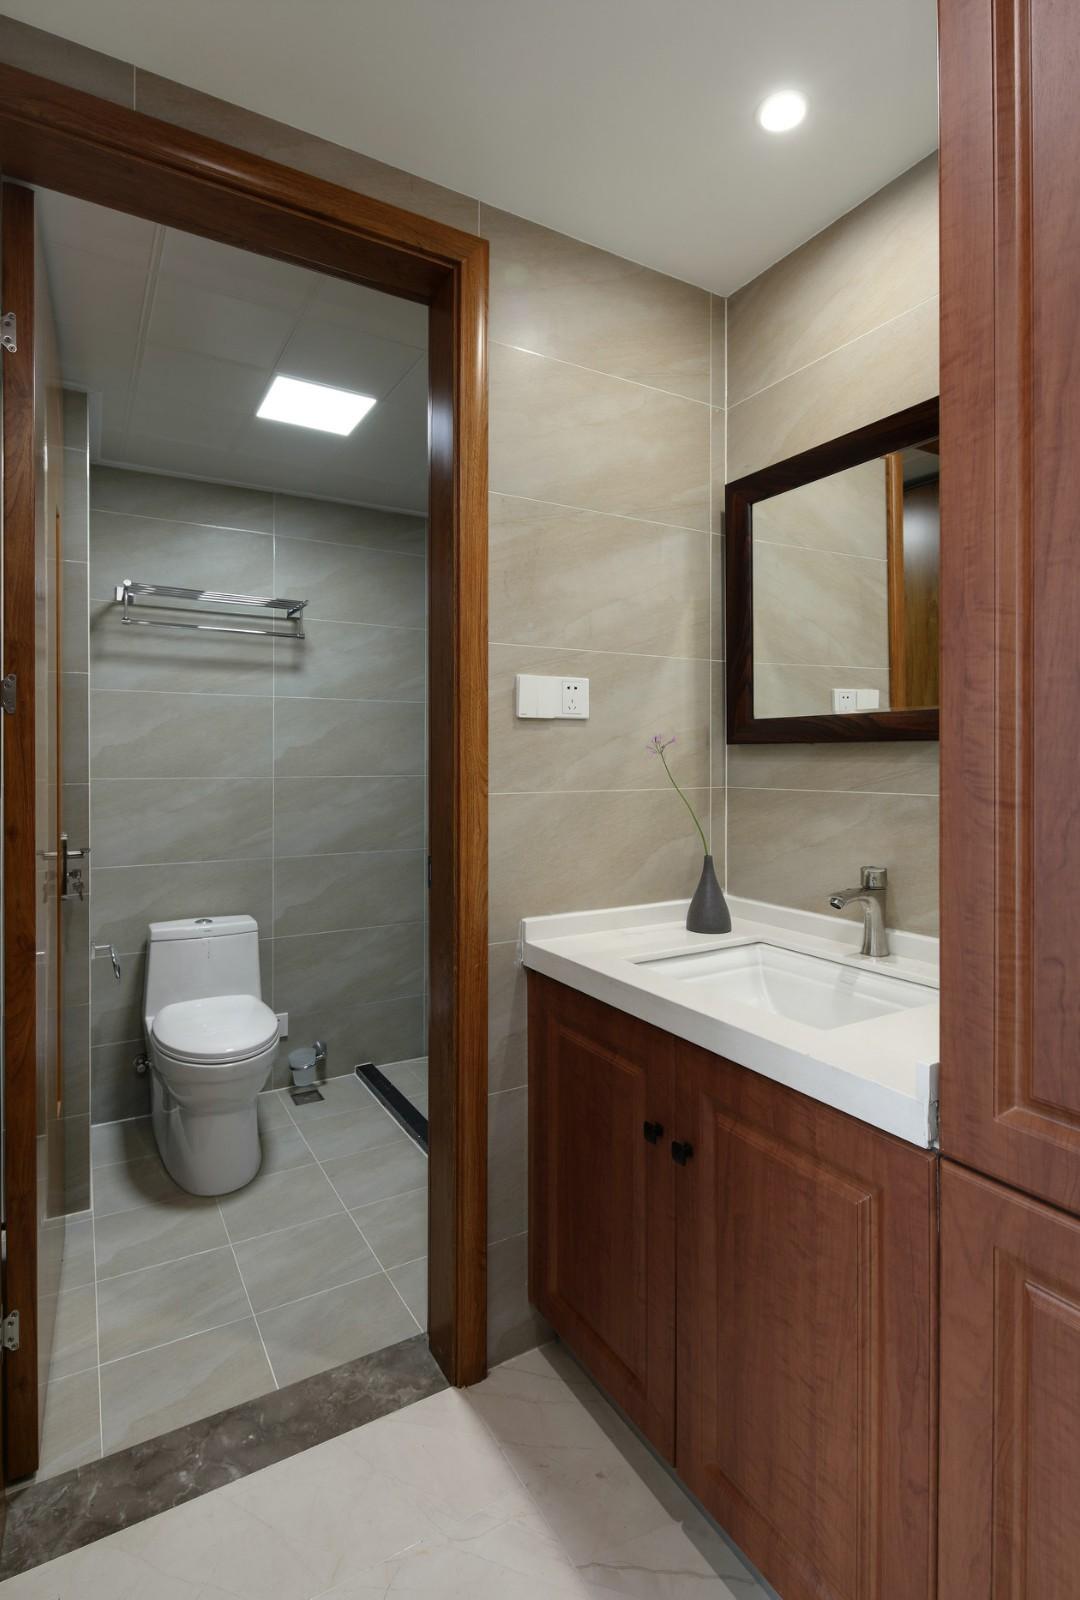 2020新中式卫生间装修图片 2020新中式浴室柜装修图片